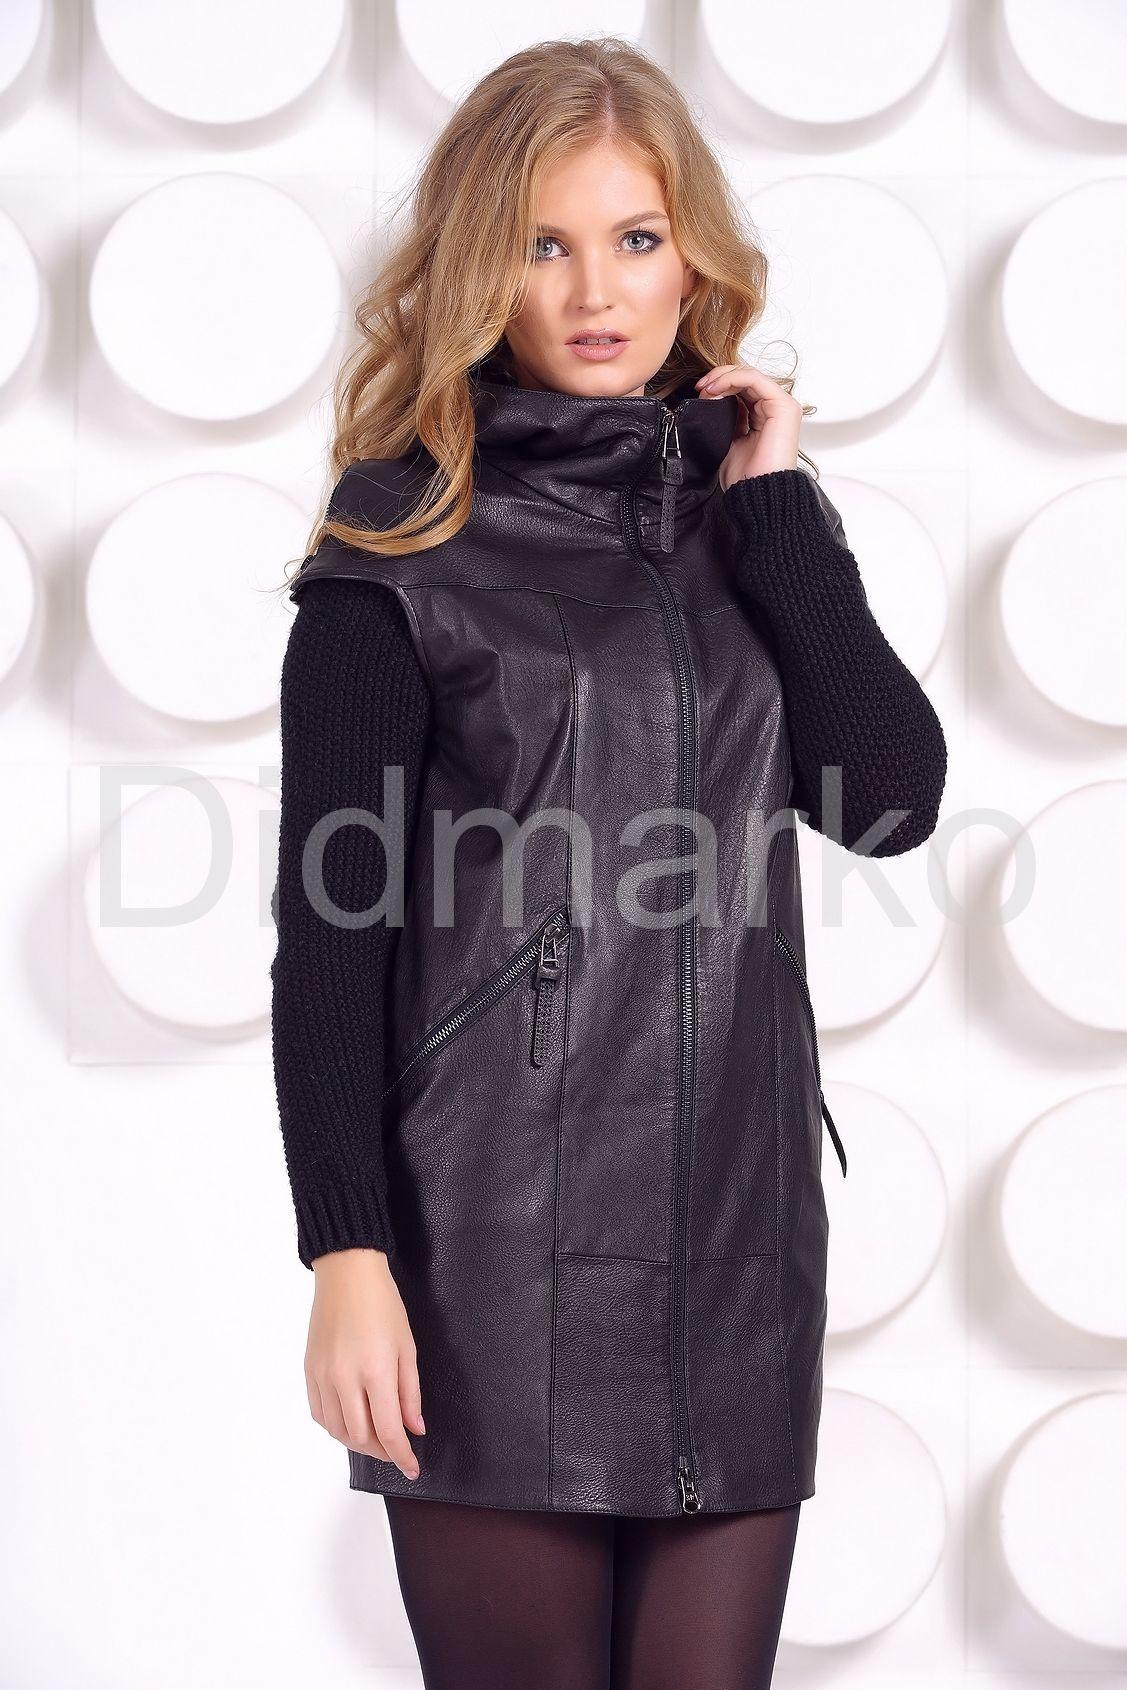 830f8d7dcb6 Демисезонное кожаное пальто с капюшоном купить по цене 25500.00 ...